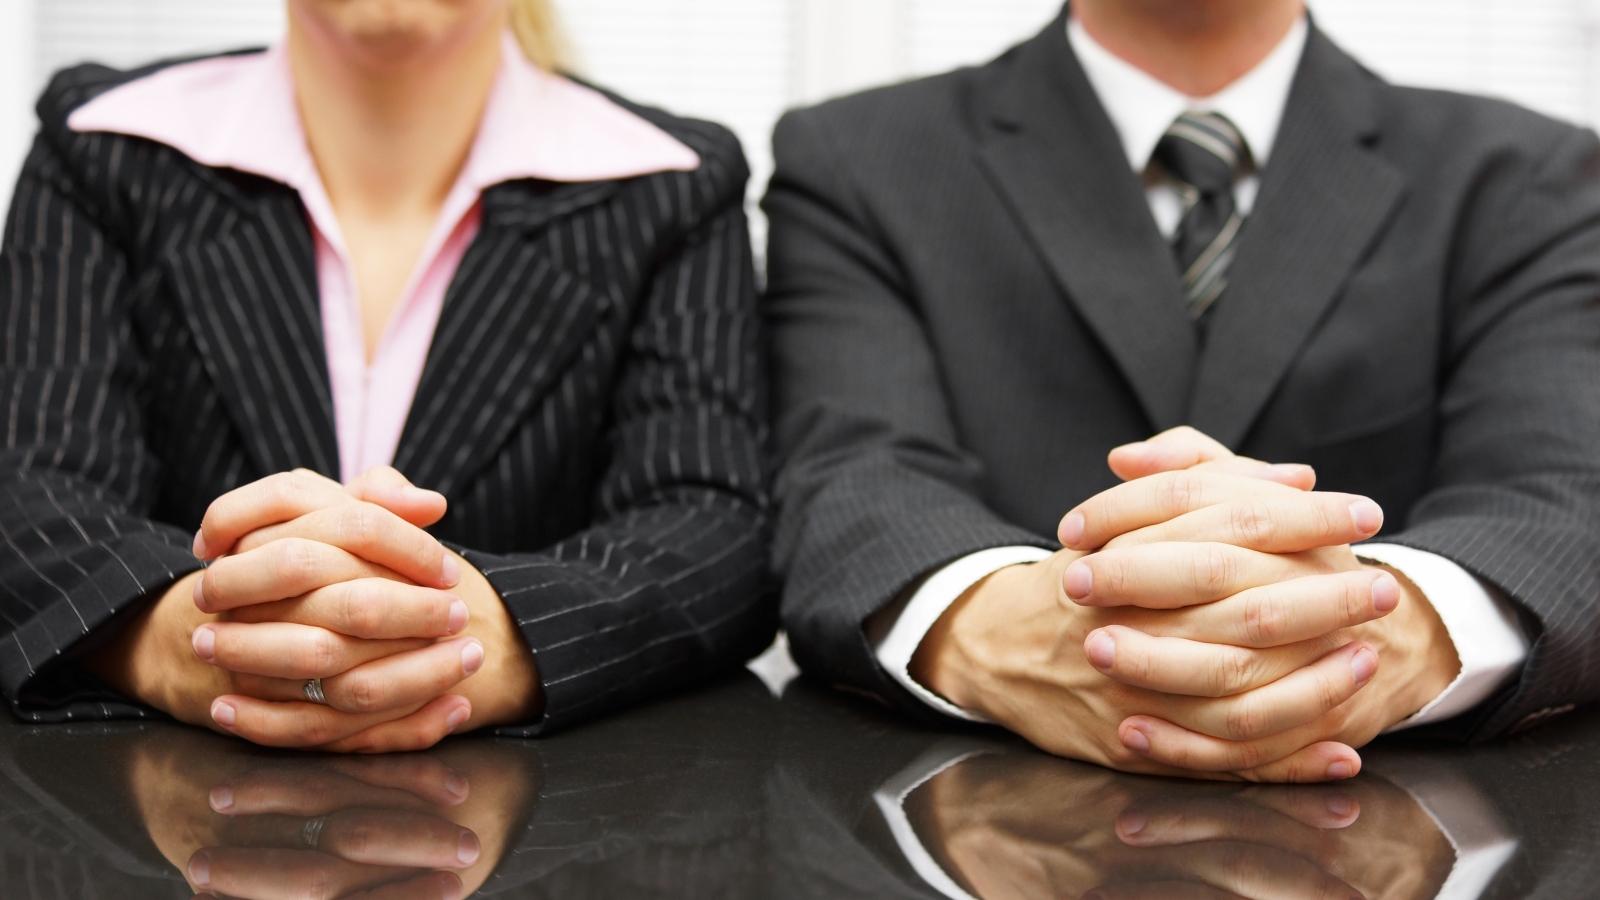 Những điều nên tránh khi đi phỏng vấn